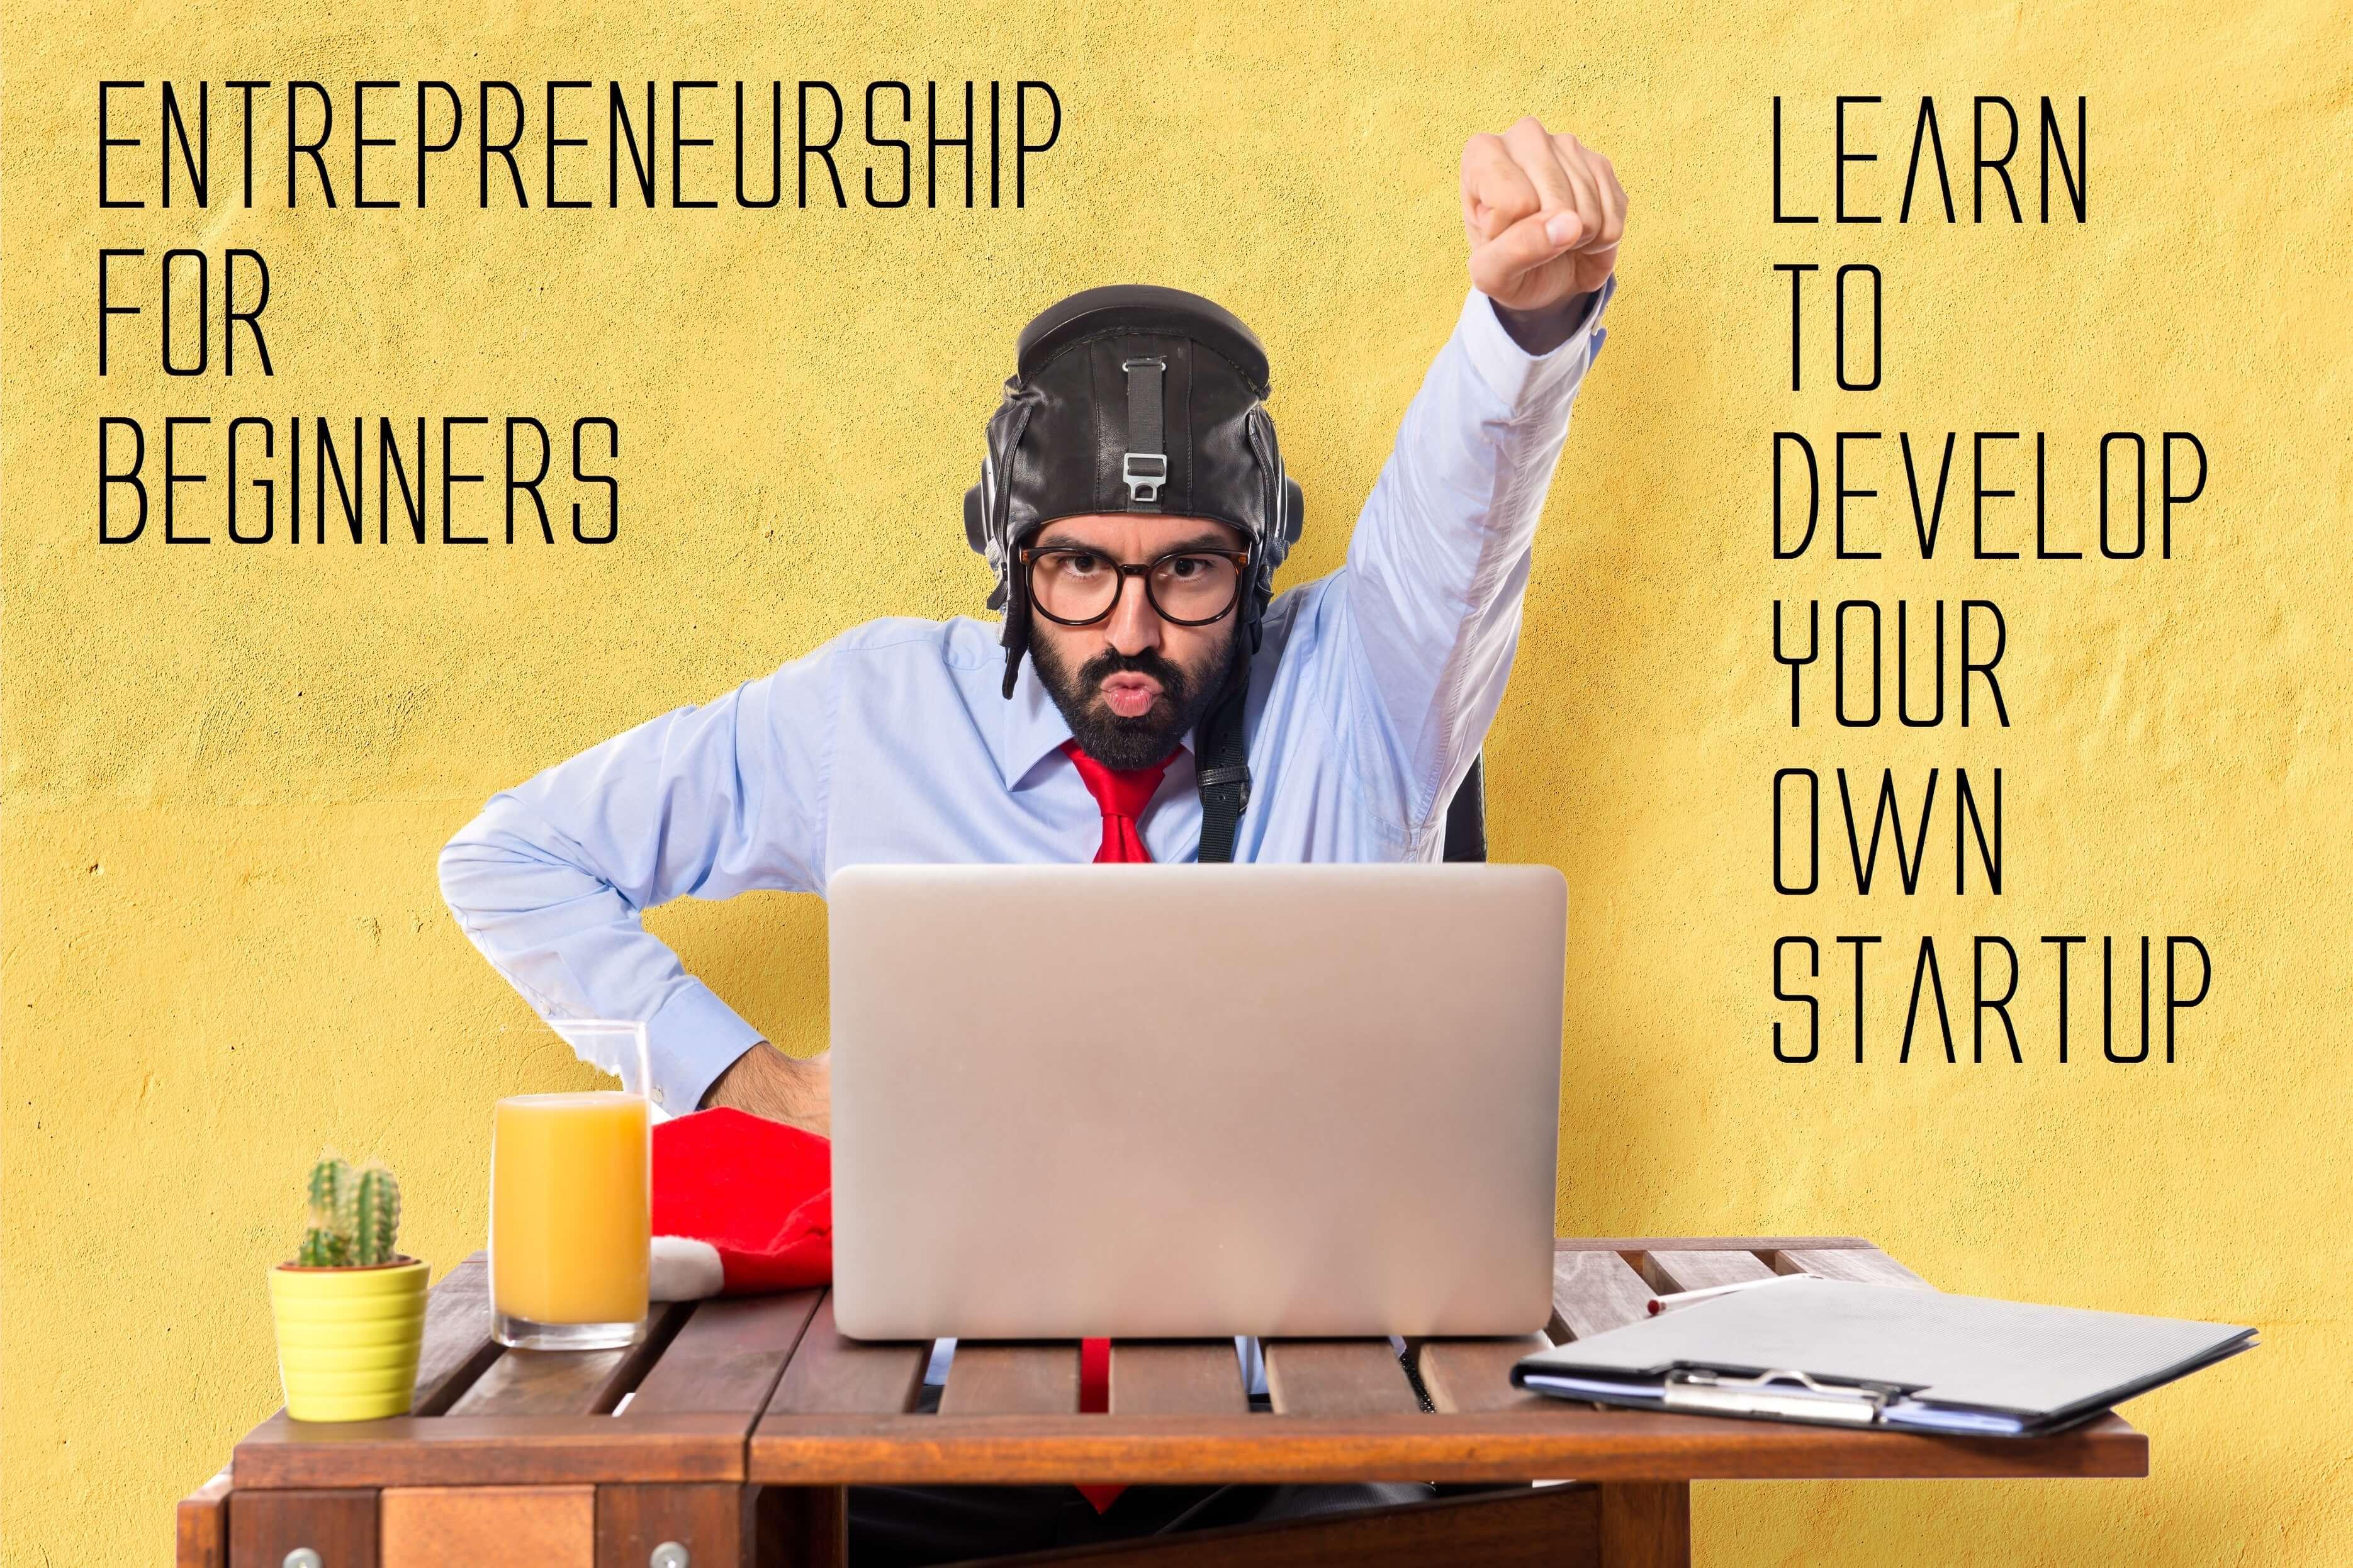 Entrepreneurship for Beginners - Startup   Entrepreneur Hackathon Webinar